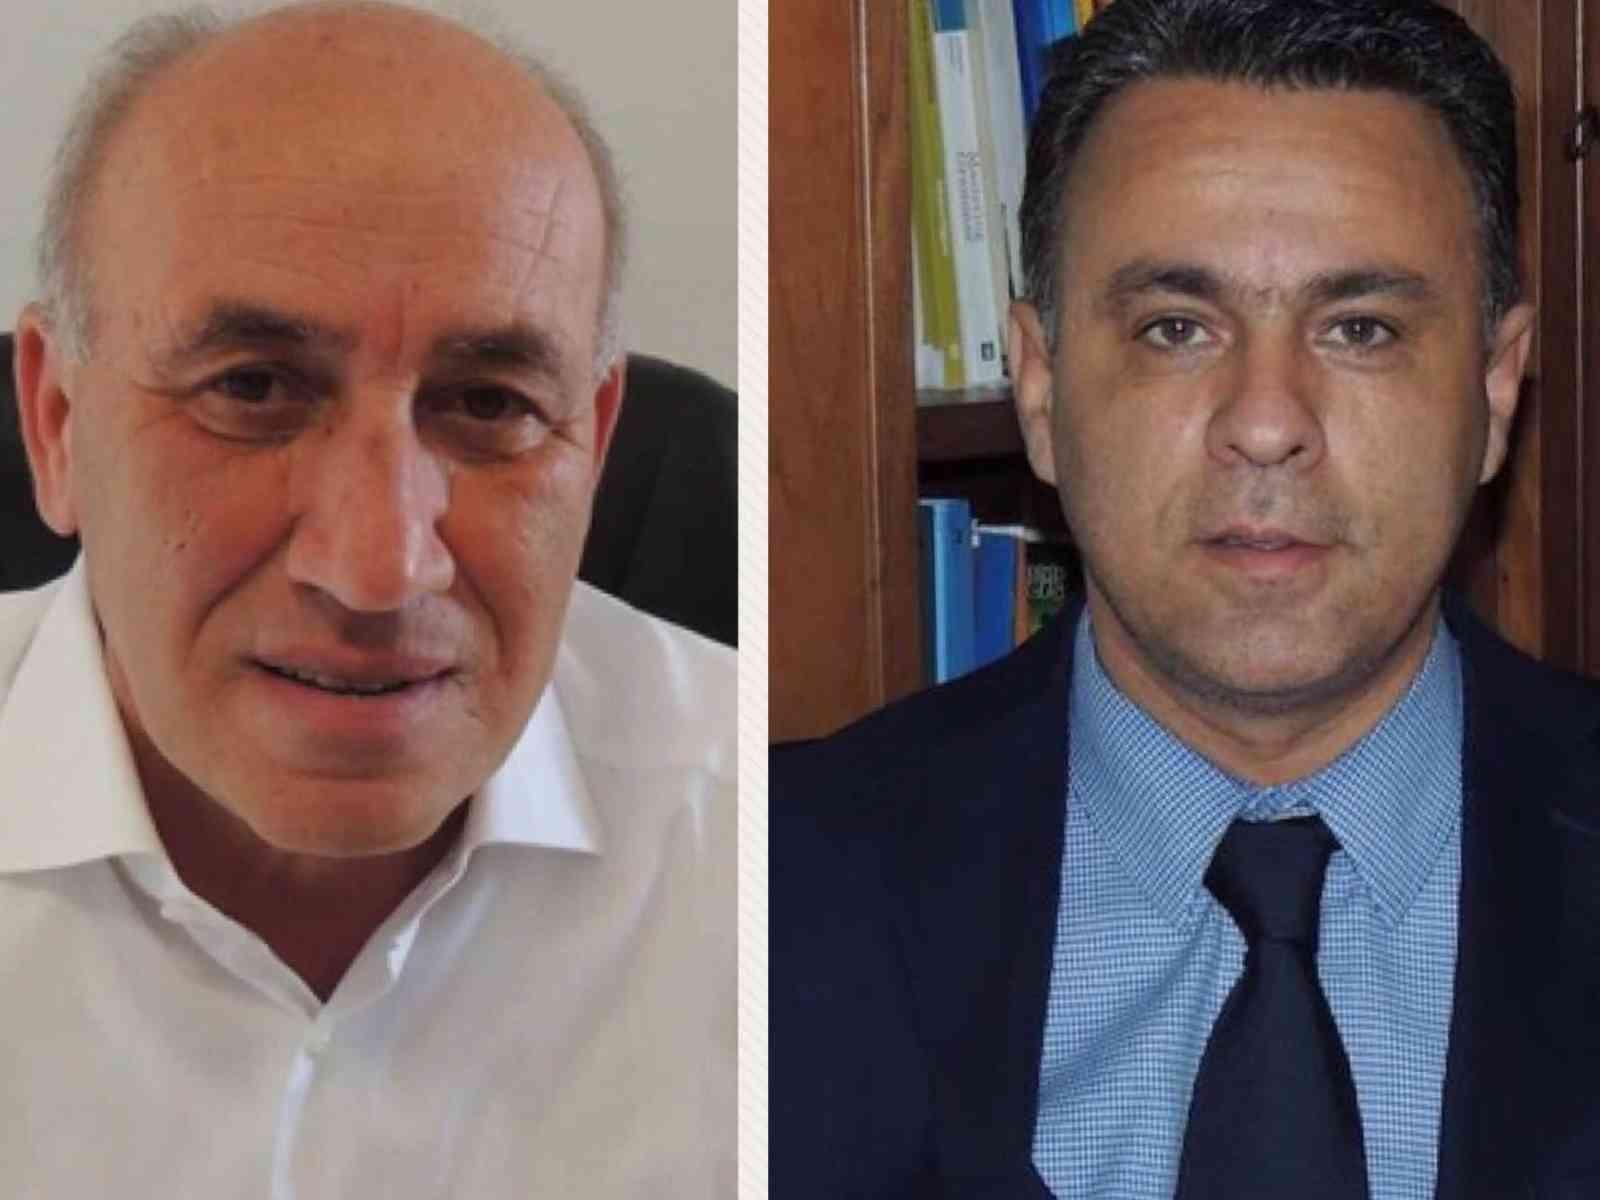 Immagine articolo: Poggioreale, presentate le due liste a sostegno dei due candidati Sindaco Vella e Cangelosi. Ecco gli aspiranti consiglieri comunali